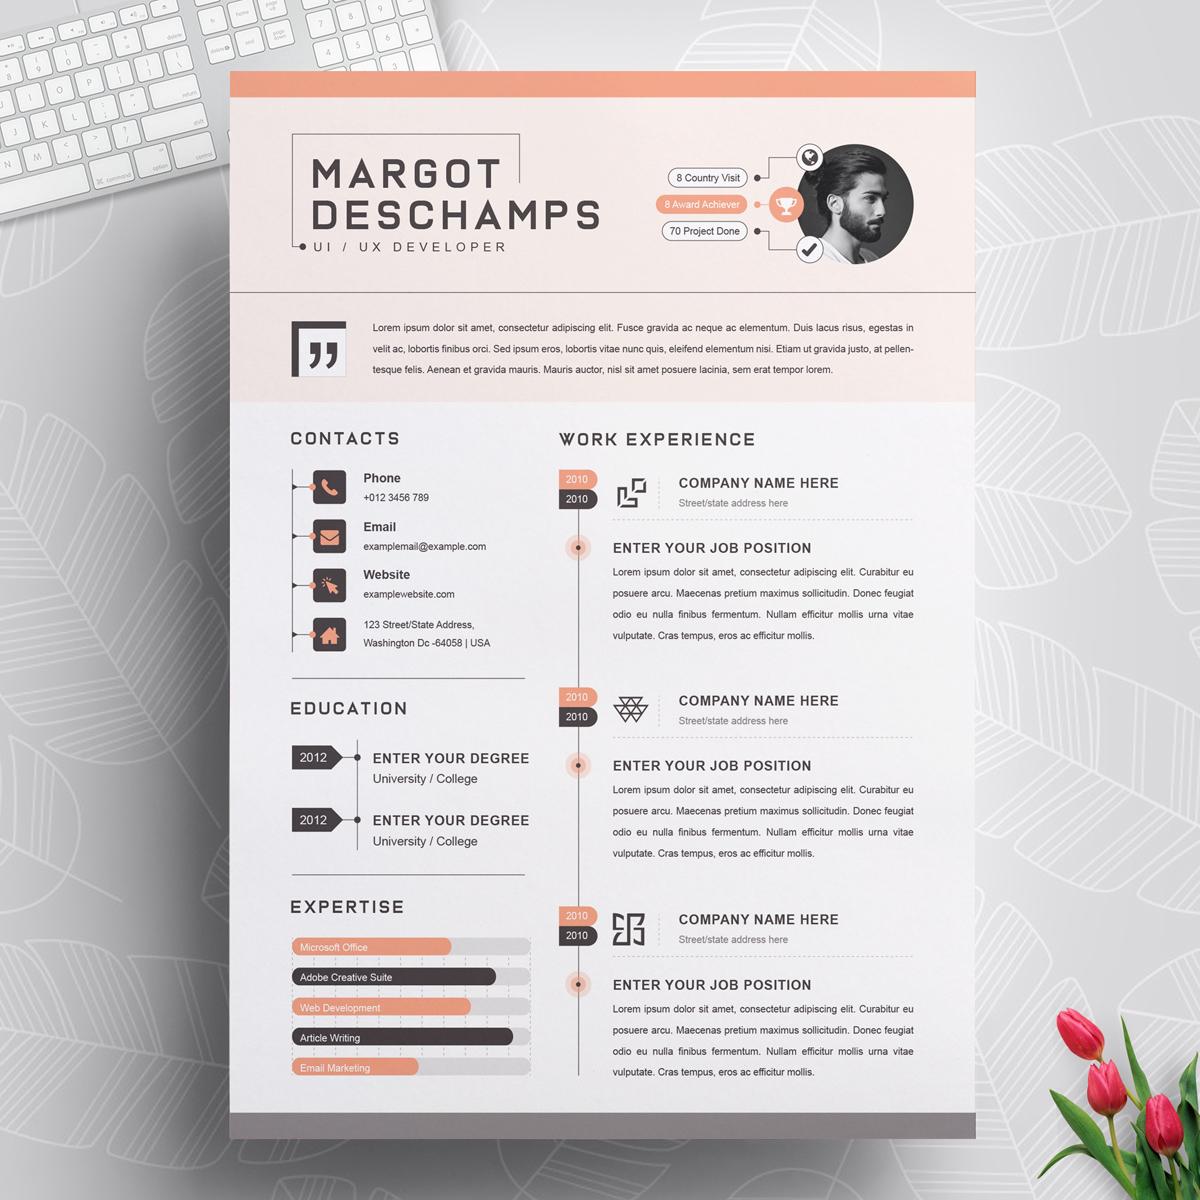 https://s3u.tmimgcdn.com/1860567-1580631056667_01_Modern-Resume-Template---CV-Template-Cover-Letter-Professional-Teacher-Resume_Main-Thumbnail-Image.jpg